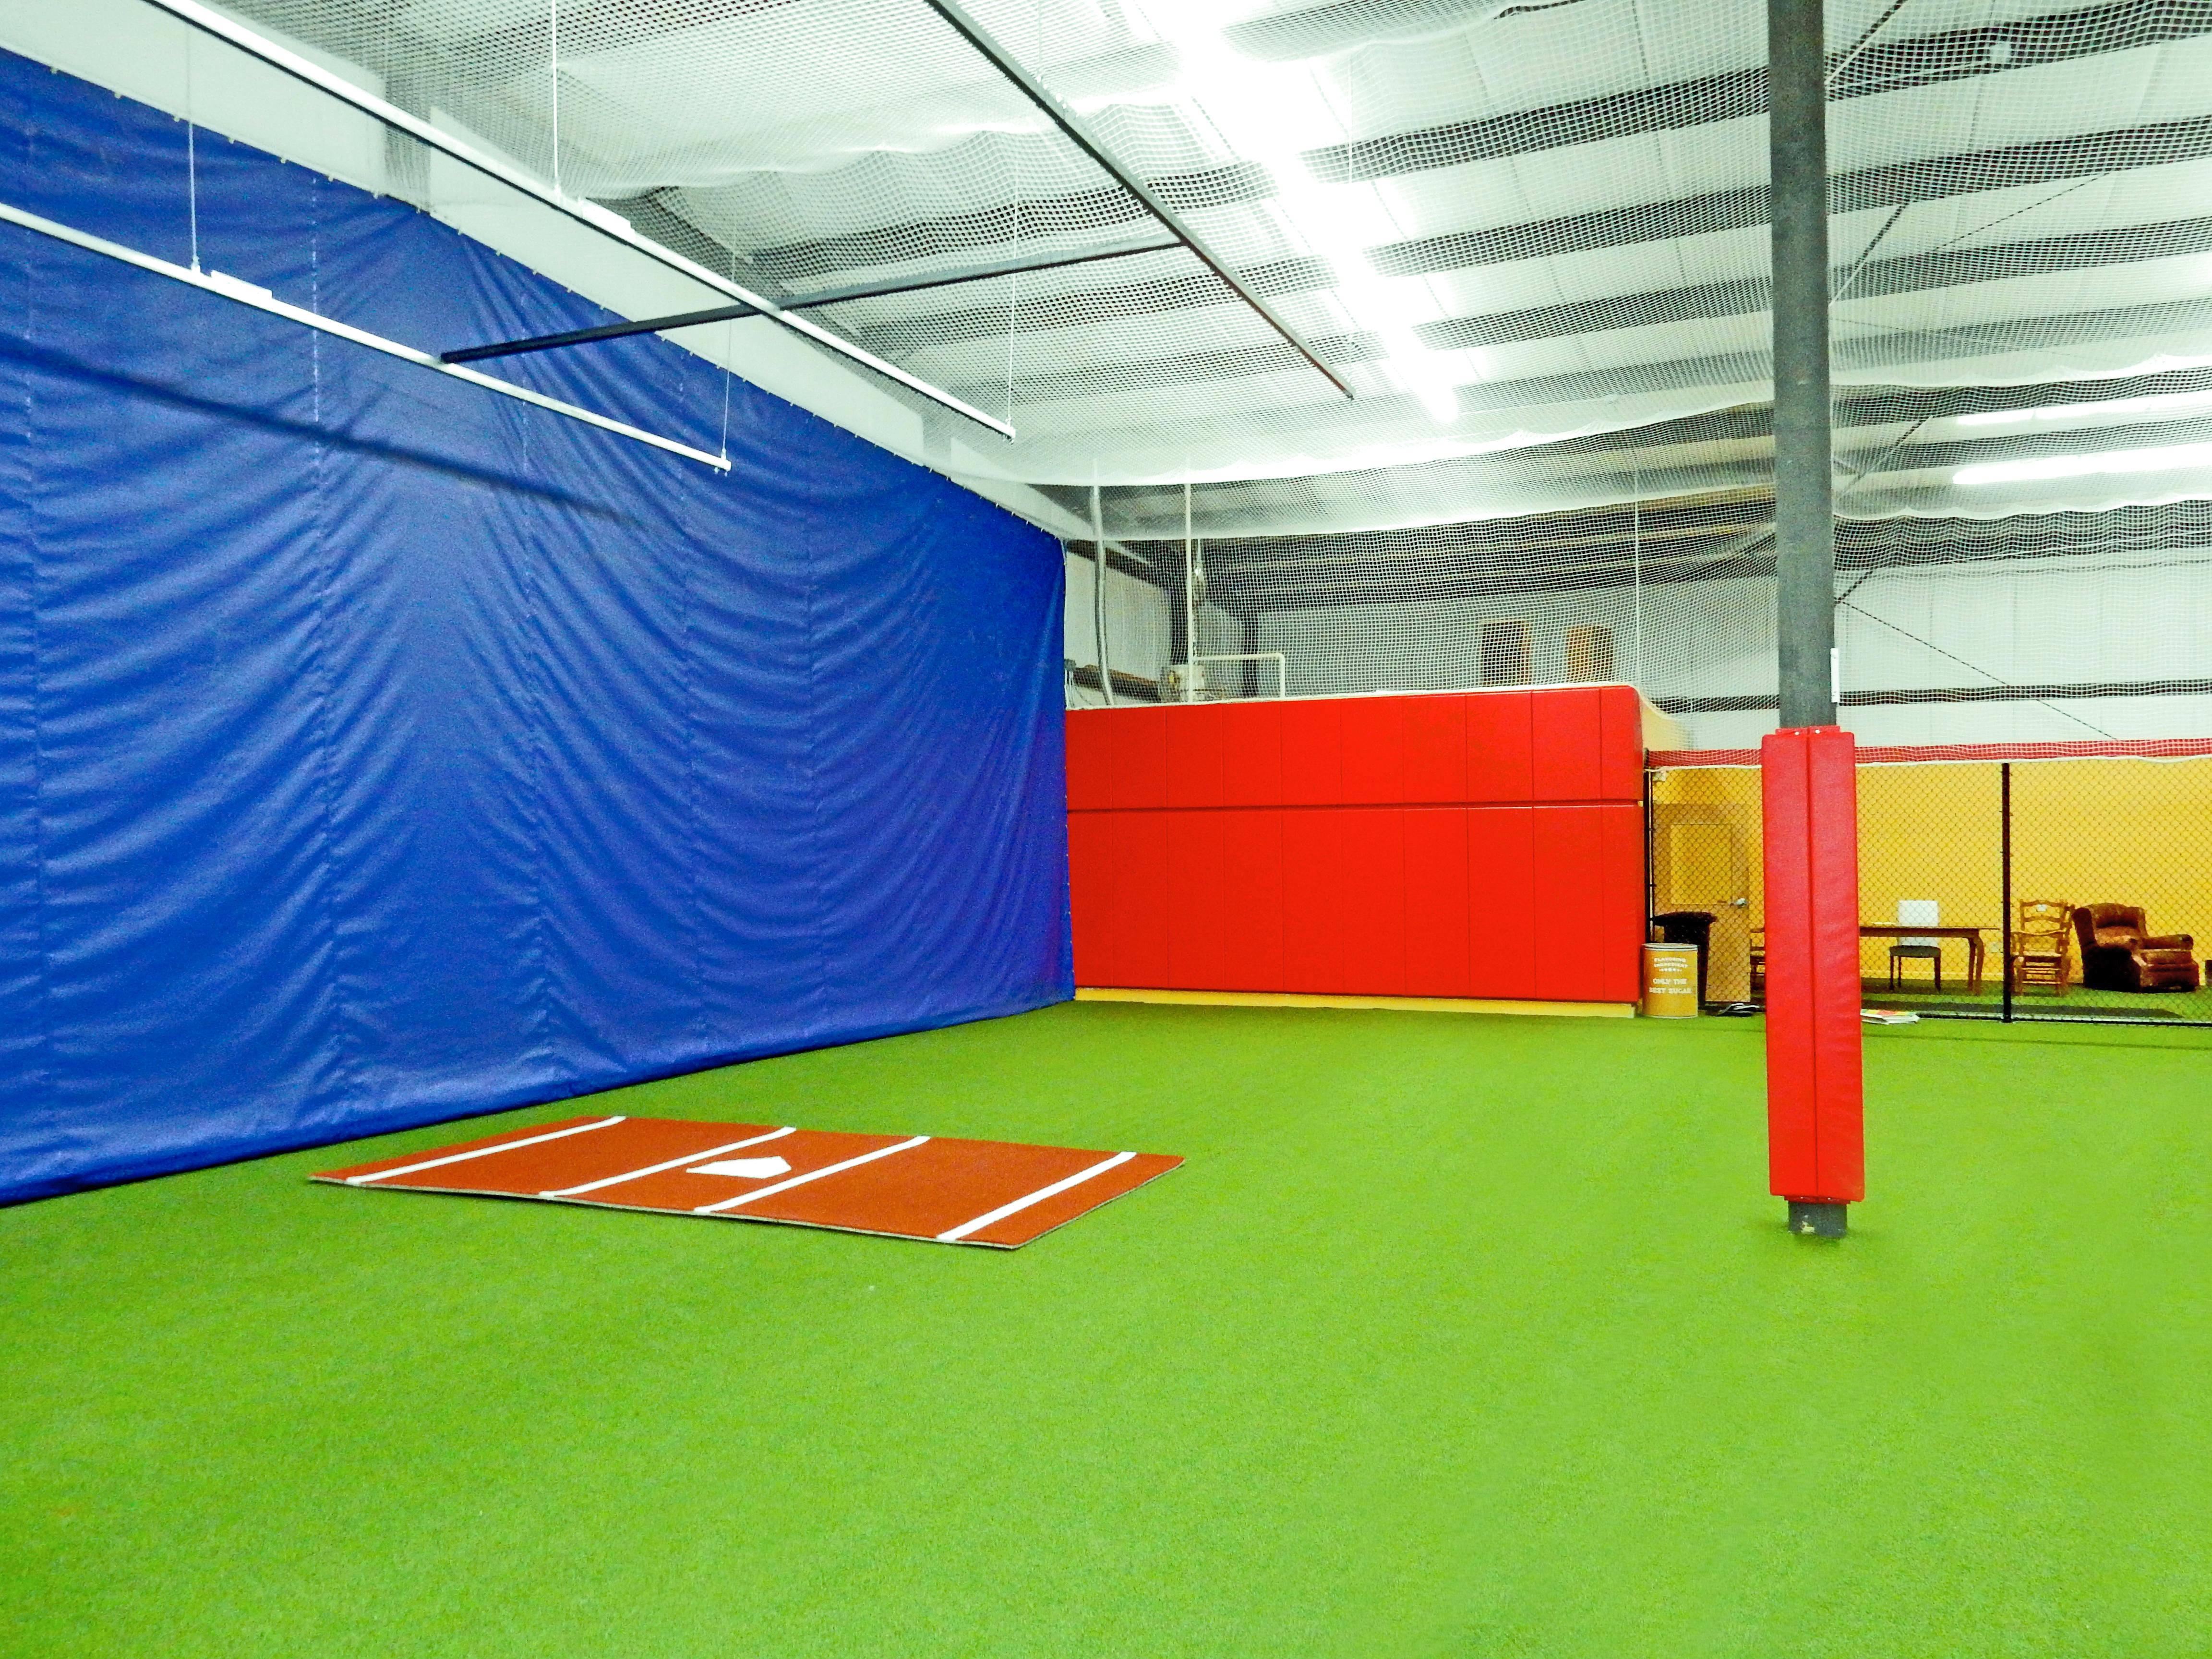 Red padding for wall at indoor baseball facility.